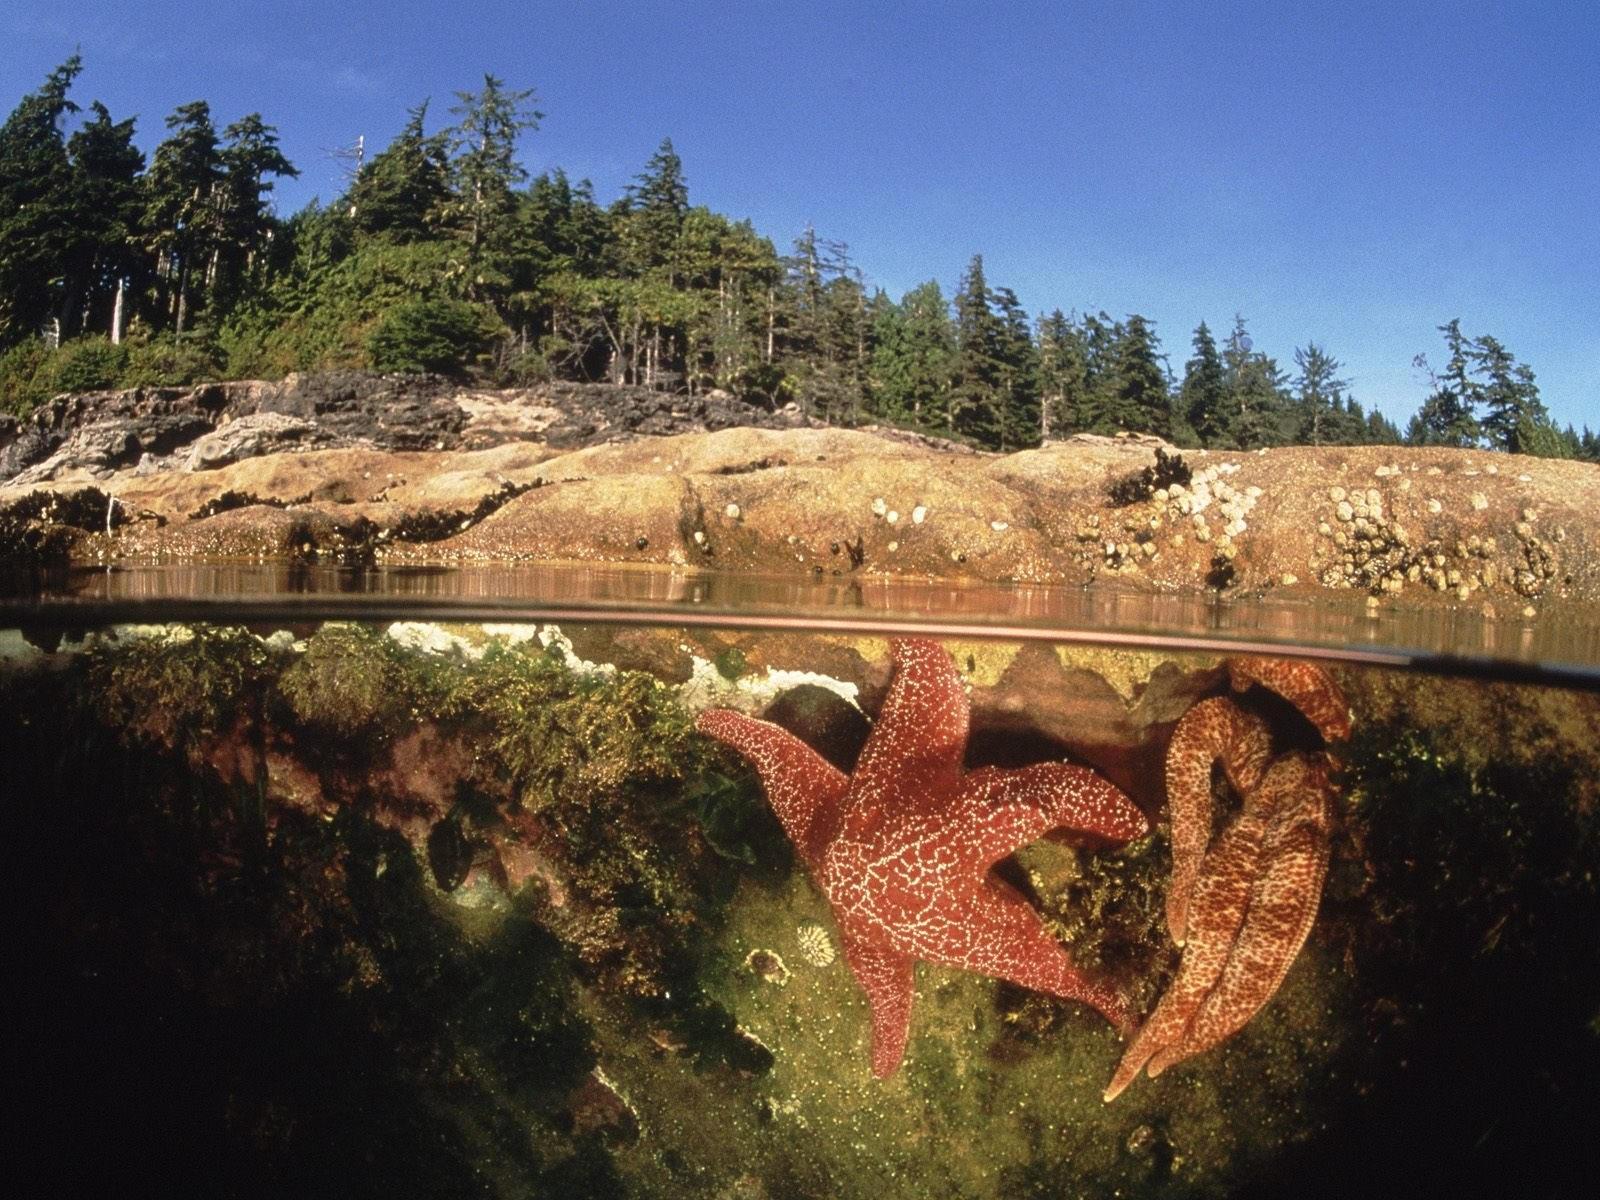 Морские звезды в воде и лес